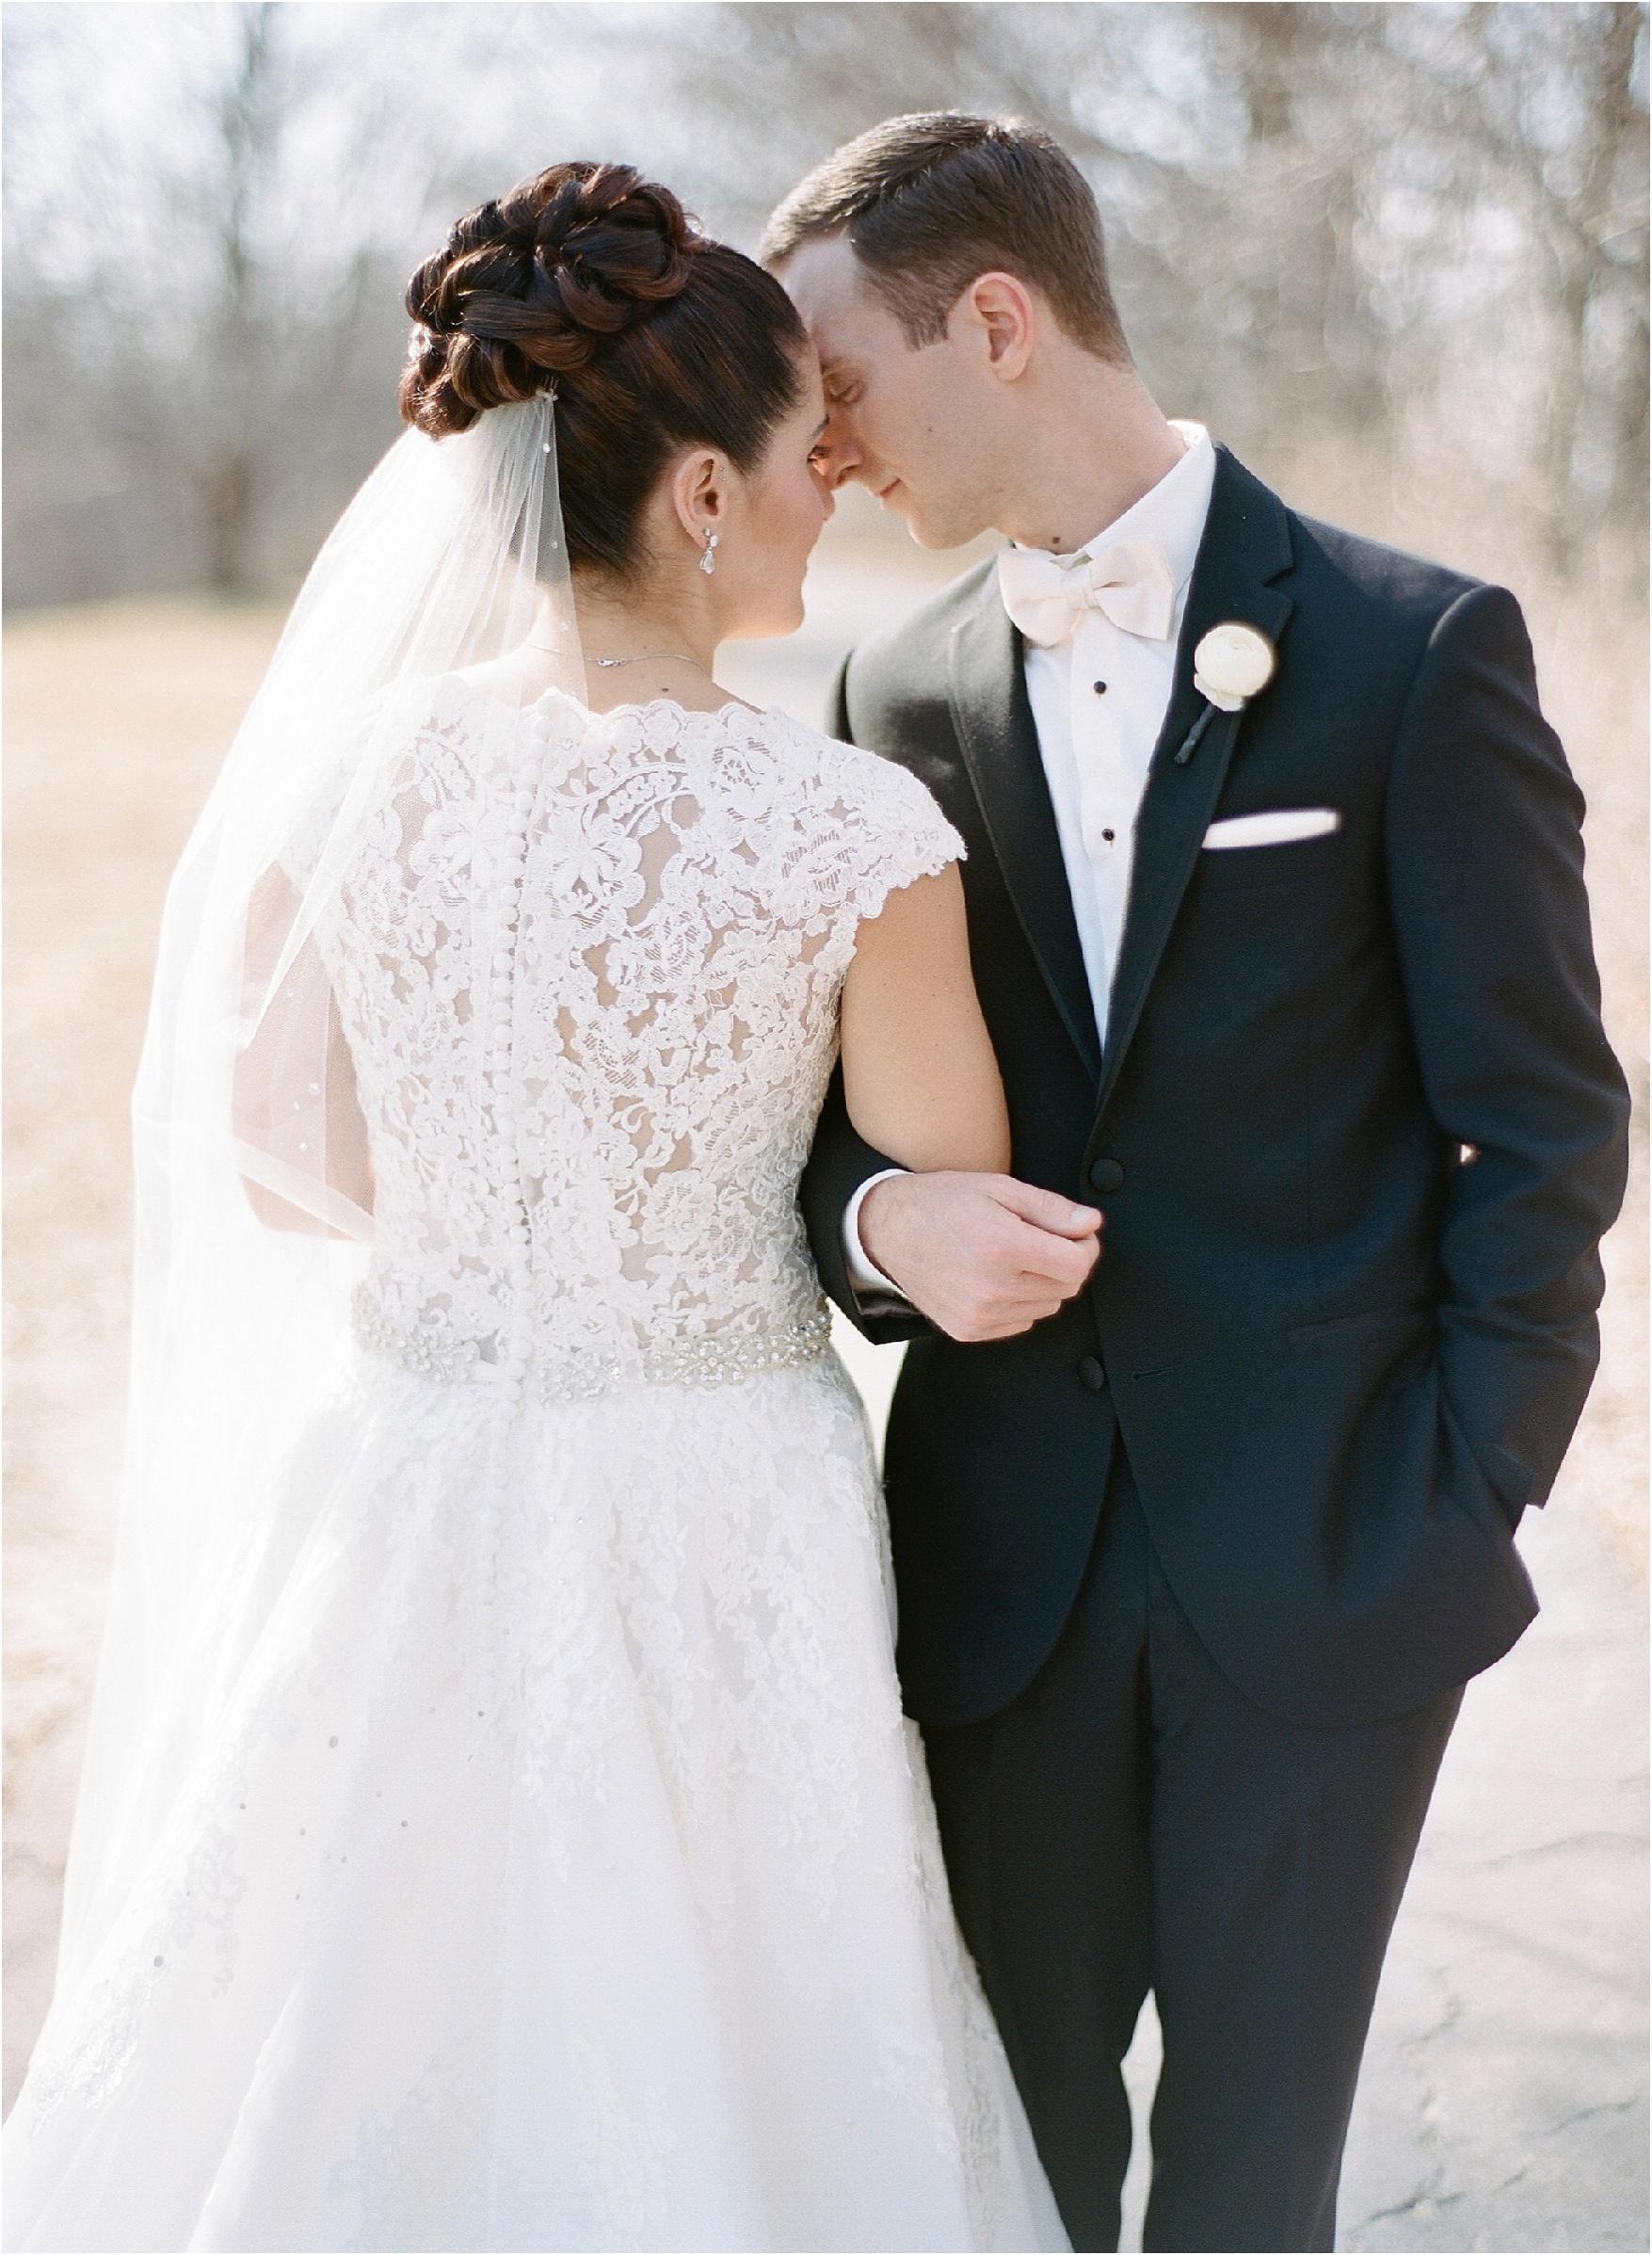 wedding photography st louis_lauren muckler photography_film photographer_film wedding_0055.jpg